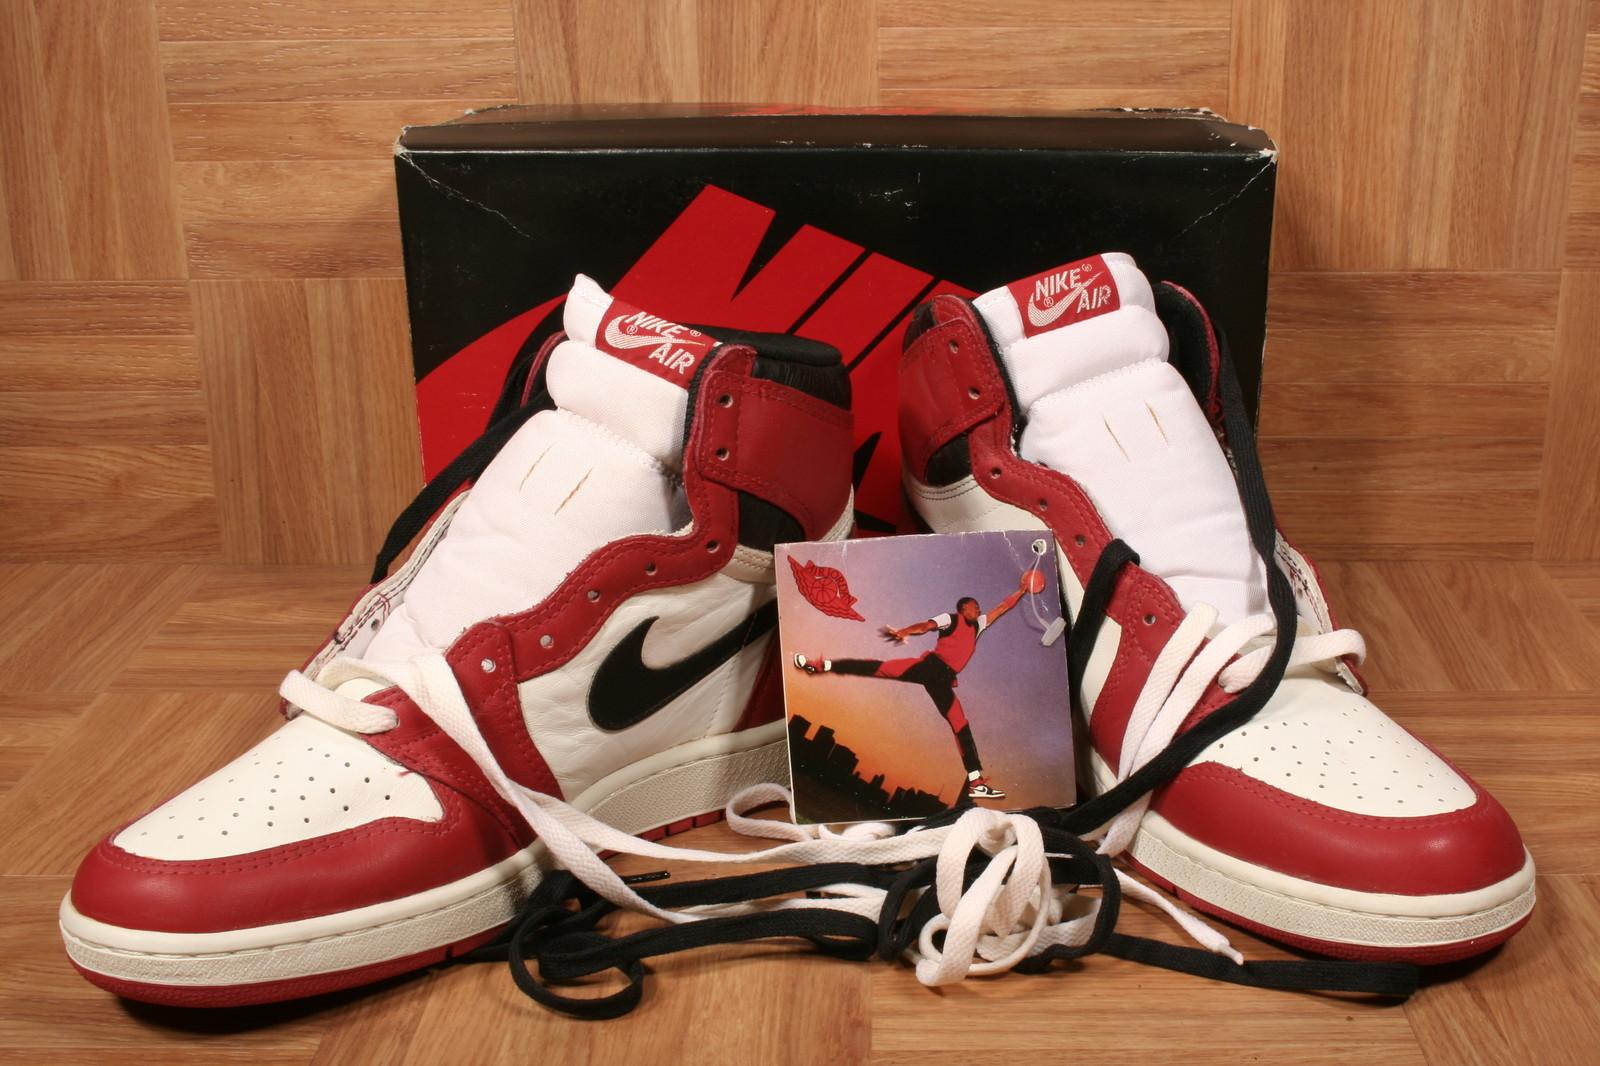 air jordan 1 1985 release date